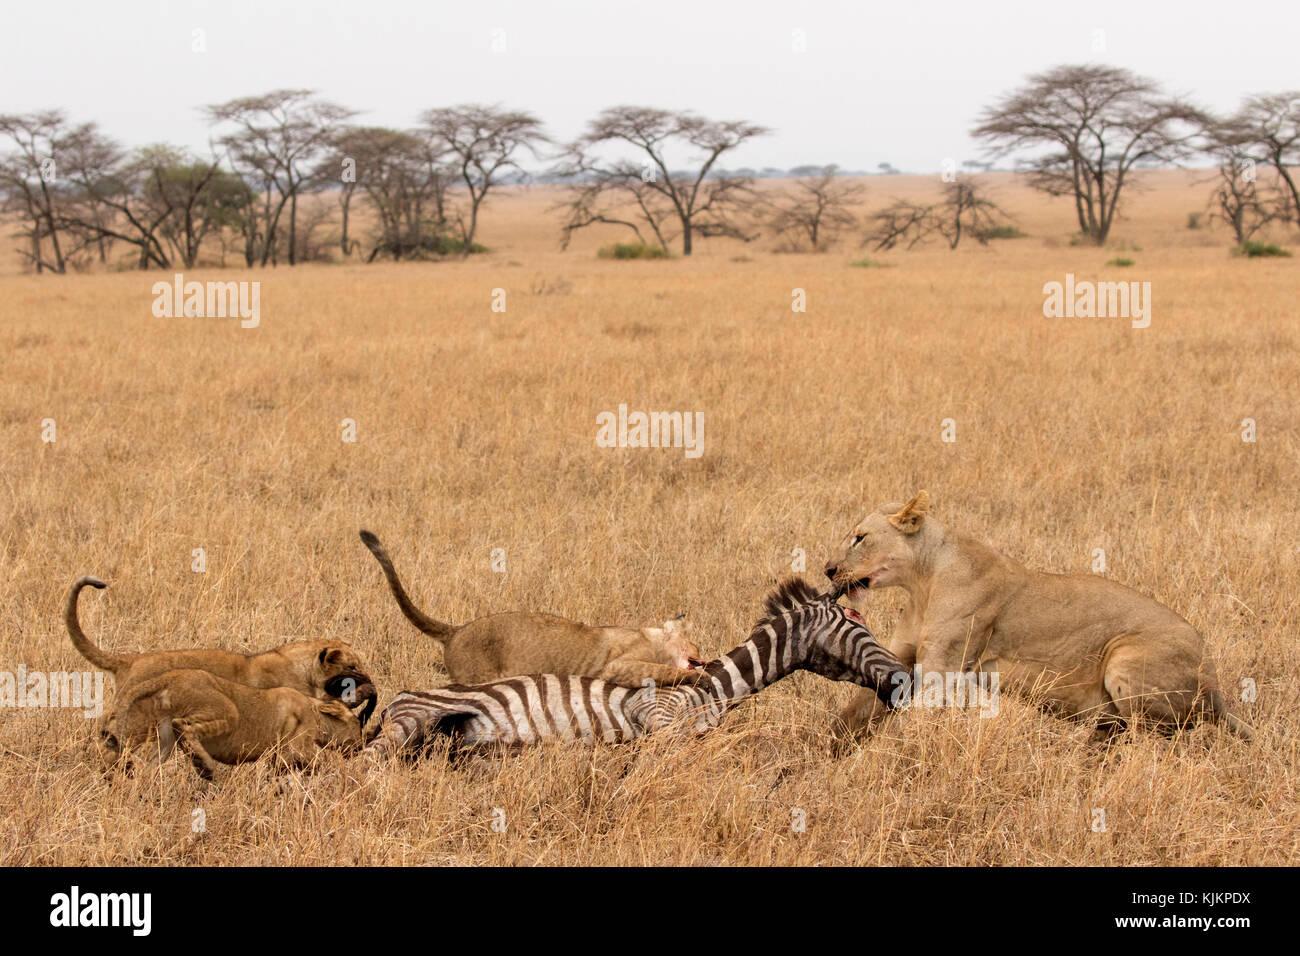 Parco Nazionale del Serengeti. Lion (Panthera leo) alimentazione a uccidere. Tanzania. Immagini Stock